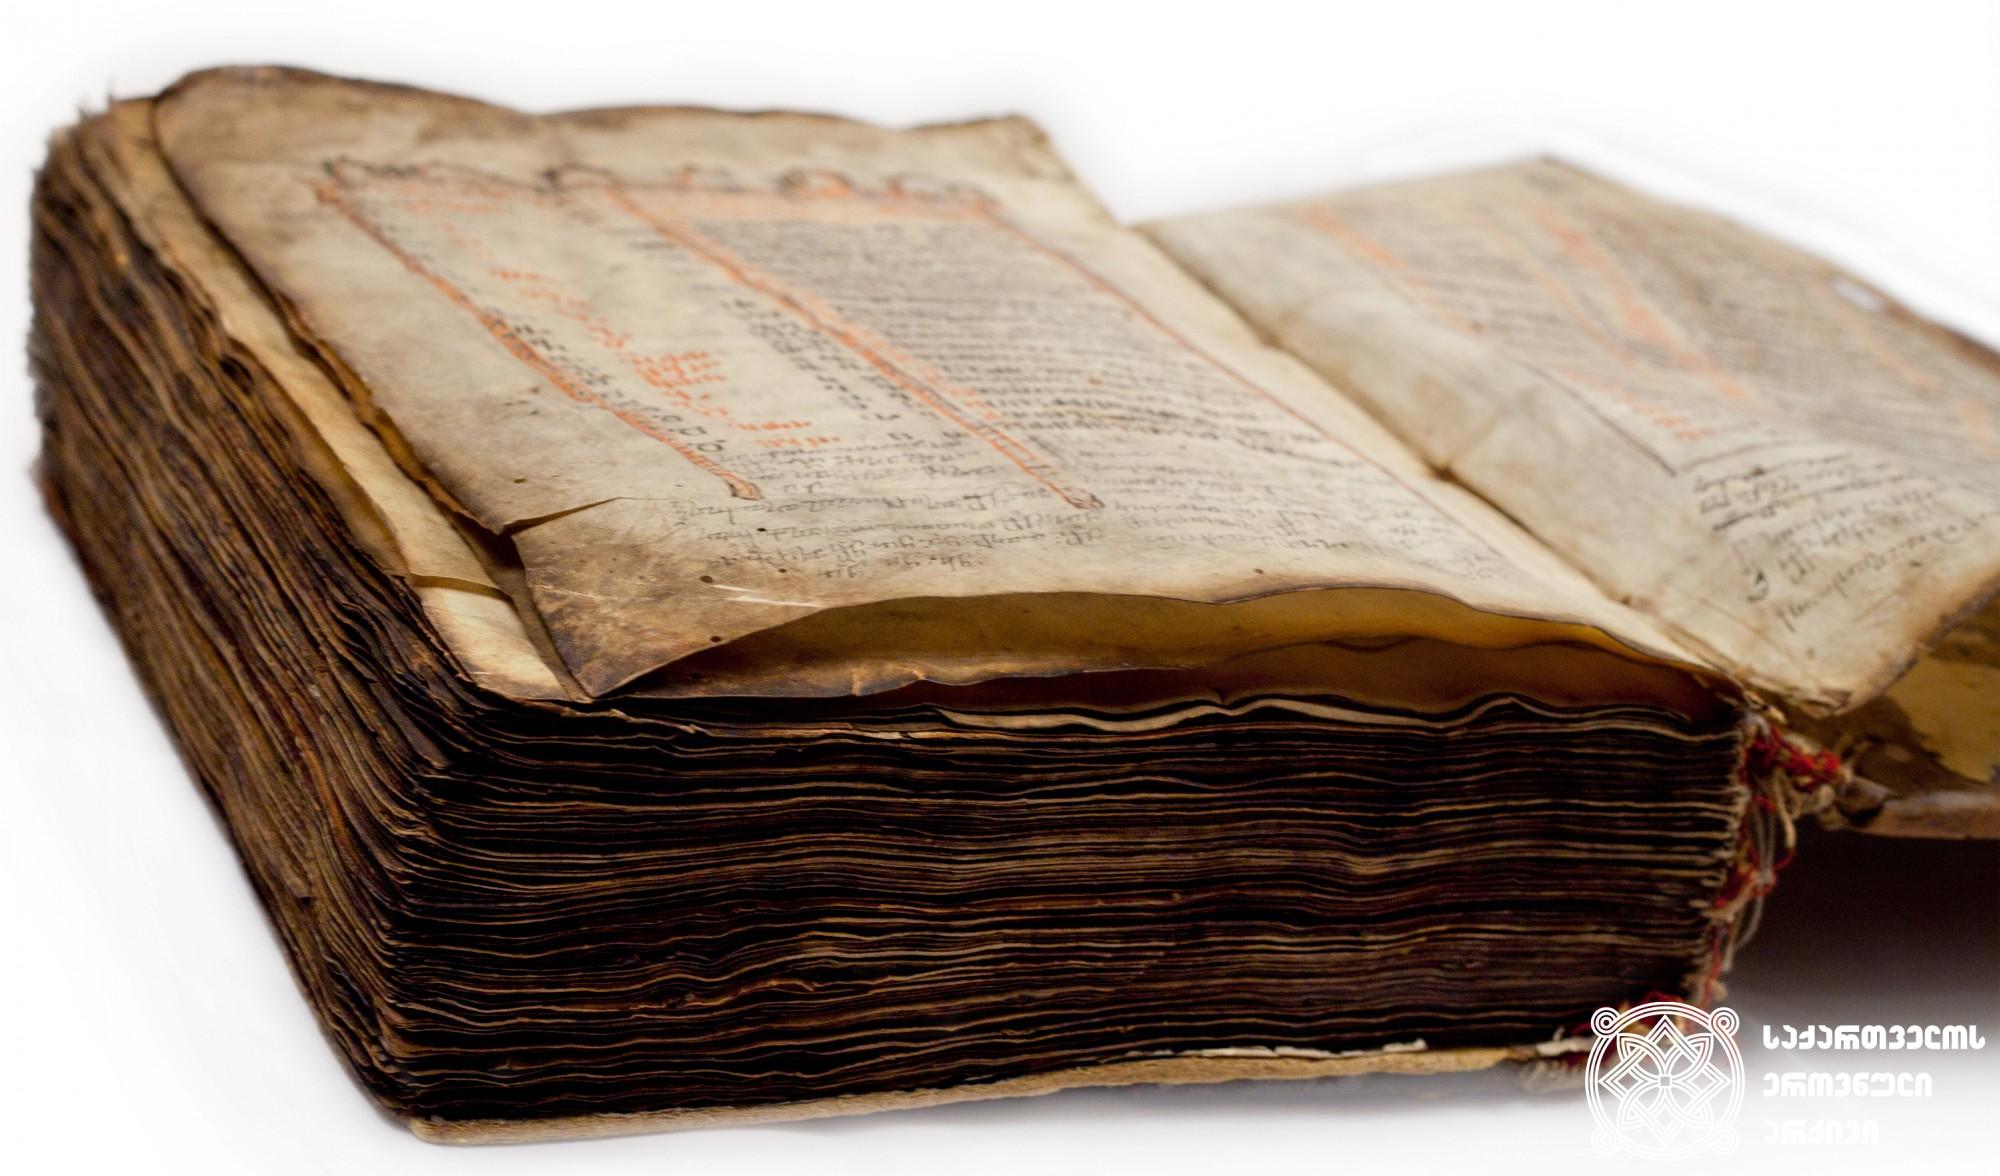 ანბანდიდი სახარება, IX საუკუნე <br> Four Gospels, 9th c.